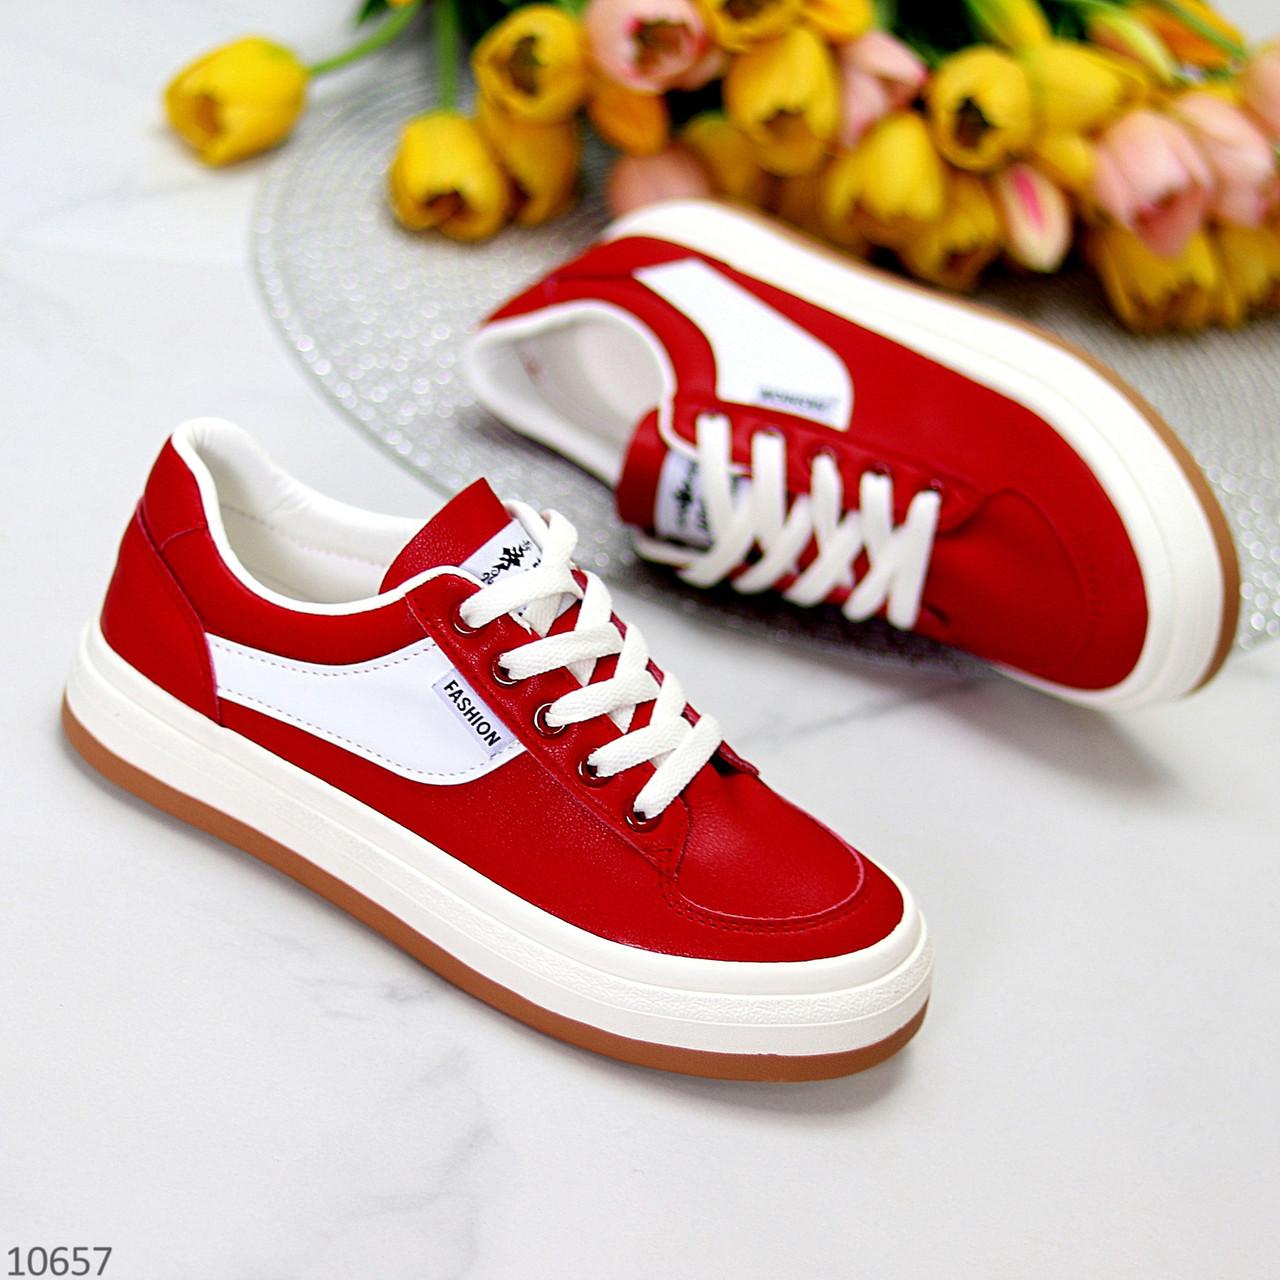 Жіночі кросівки червоні з білим еко шкіра преміум класу